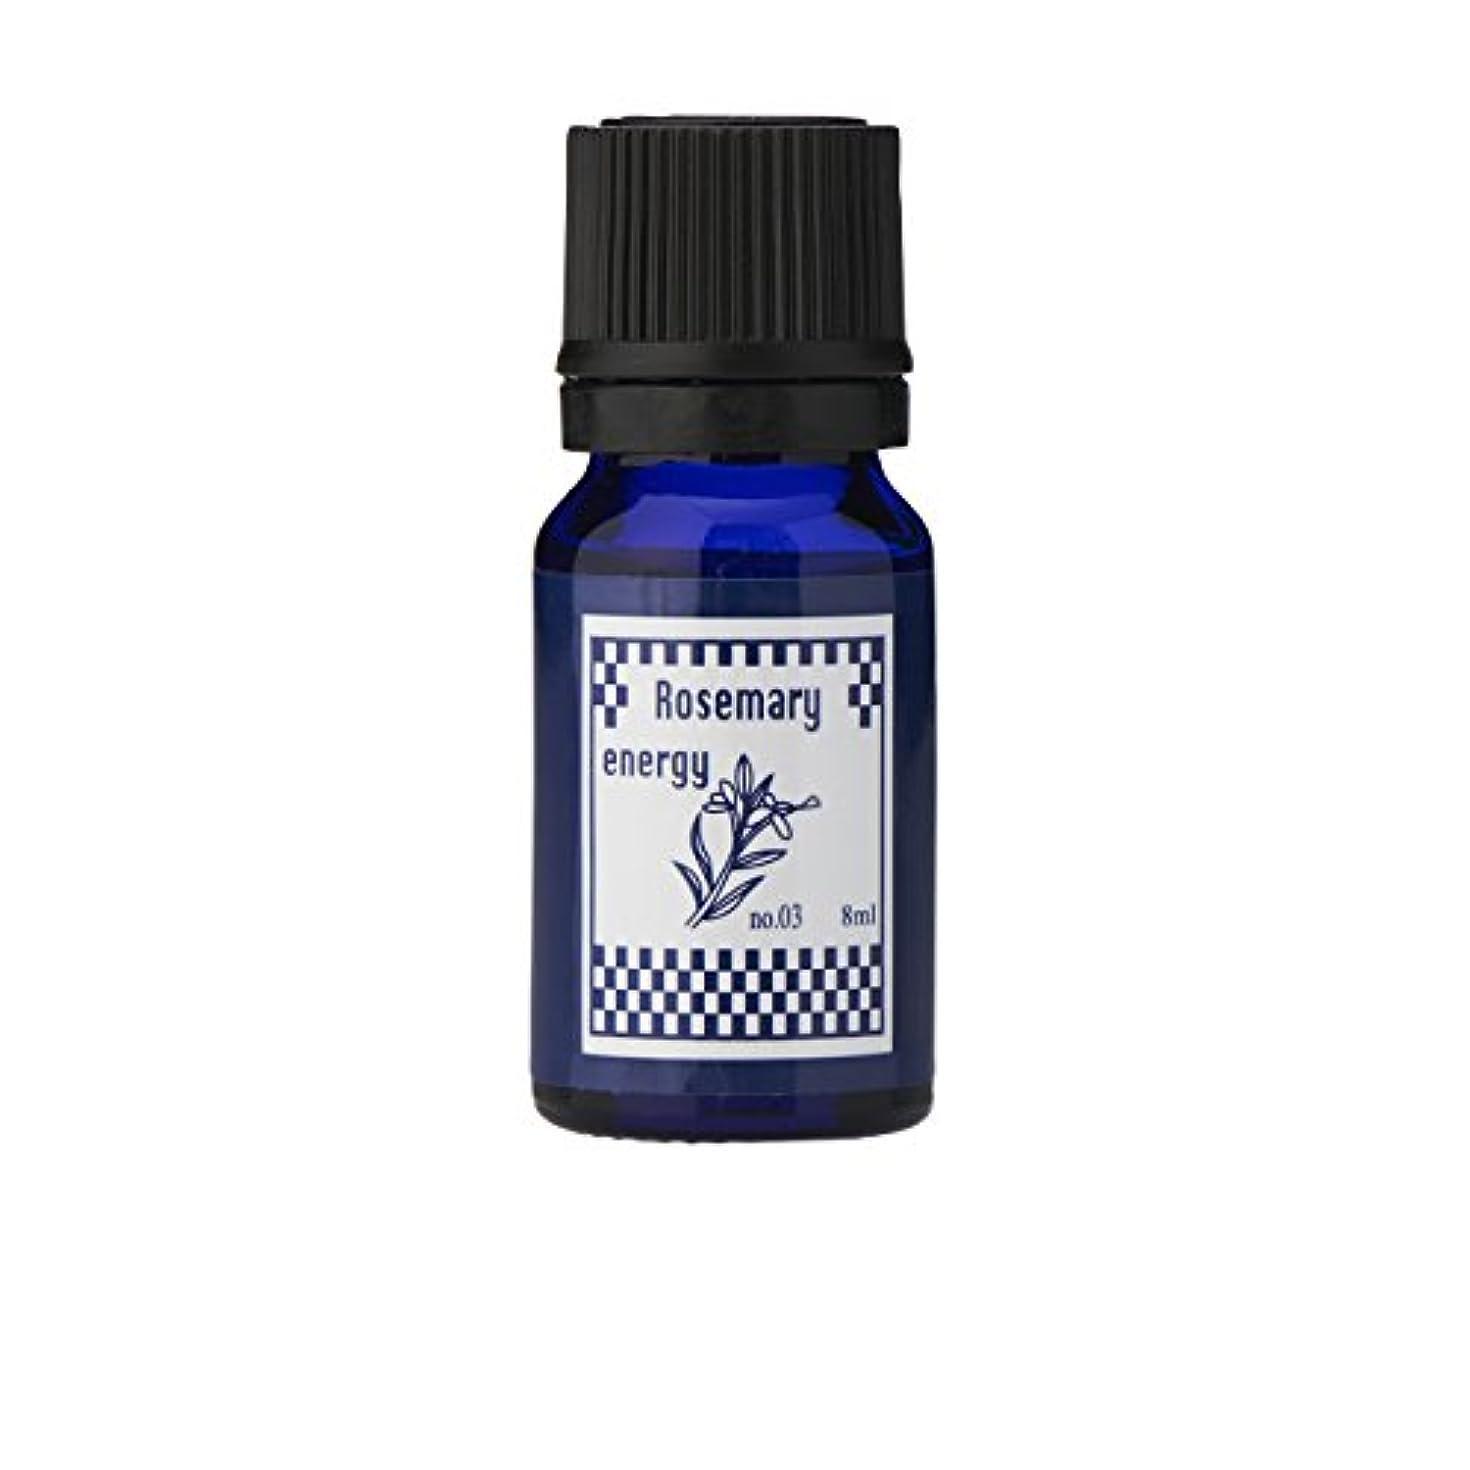 ロッド放射性支援ブルーラベル アロマエッセンス8ml ローズマリー(アロマオイル 調合香料 芳香用)